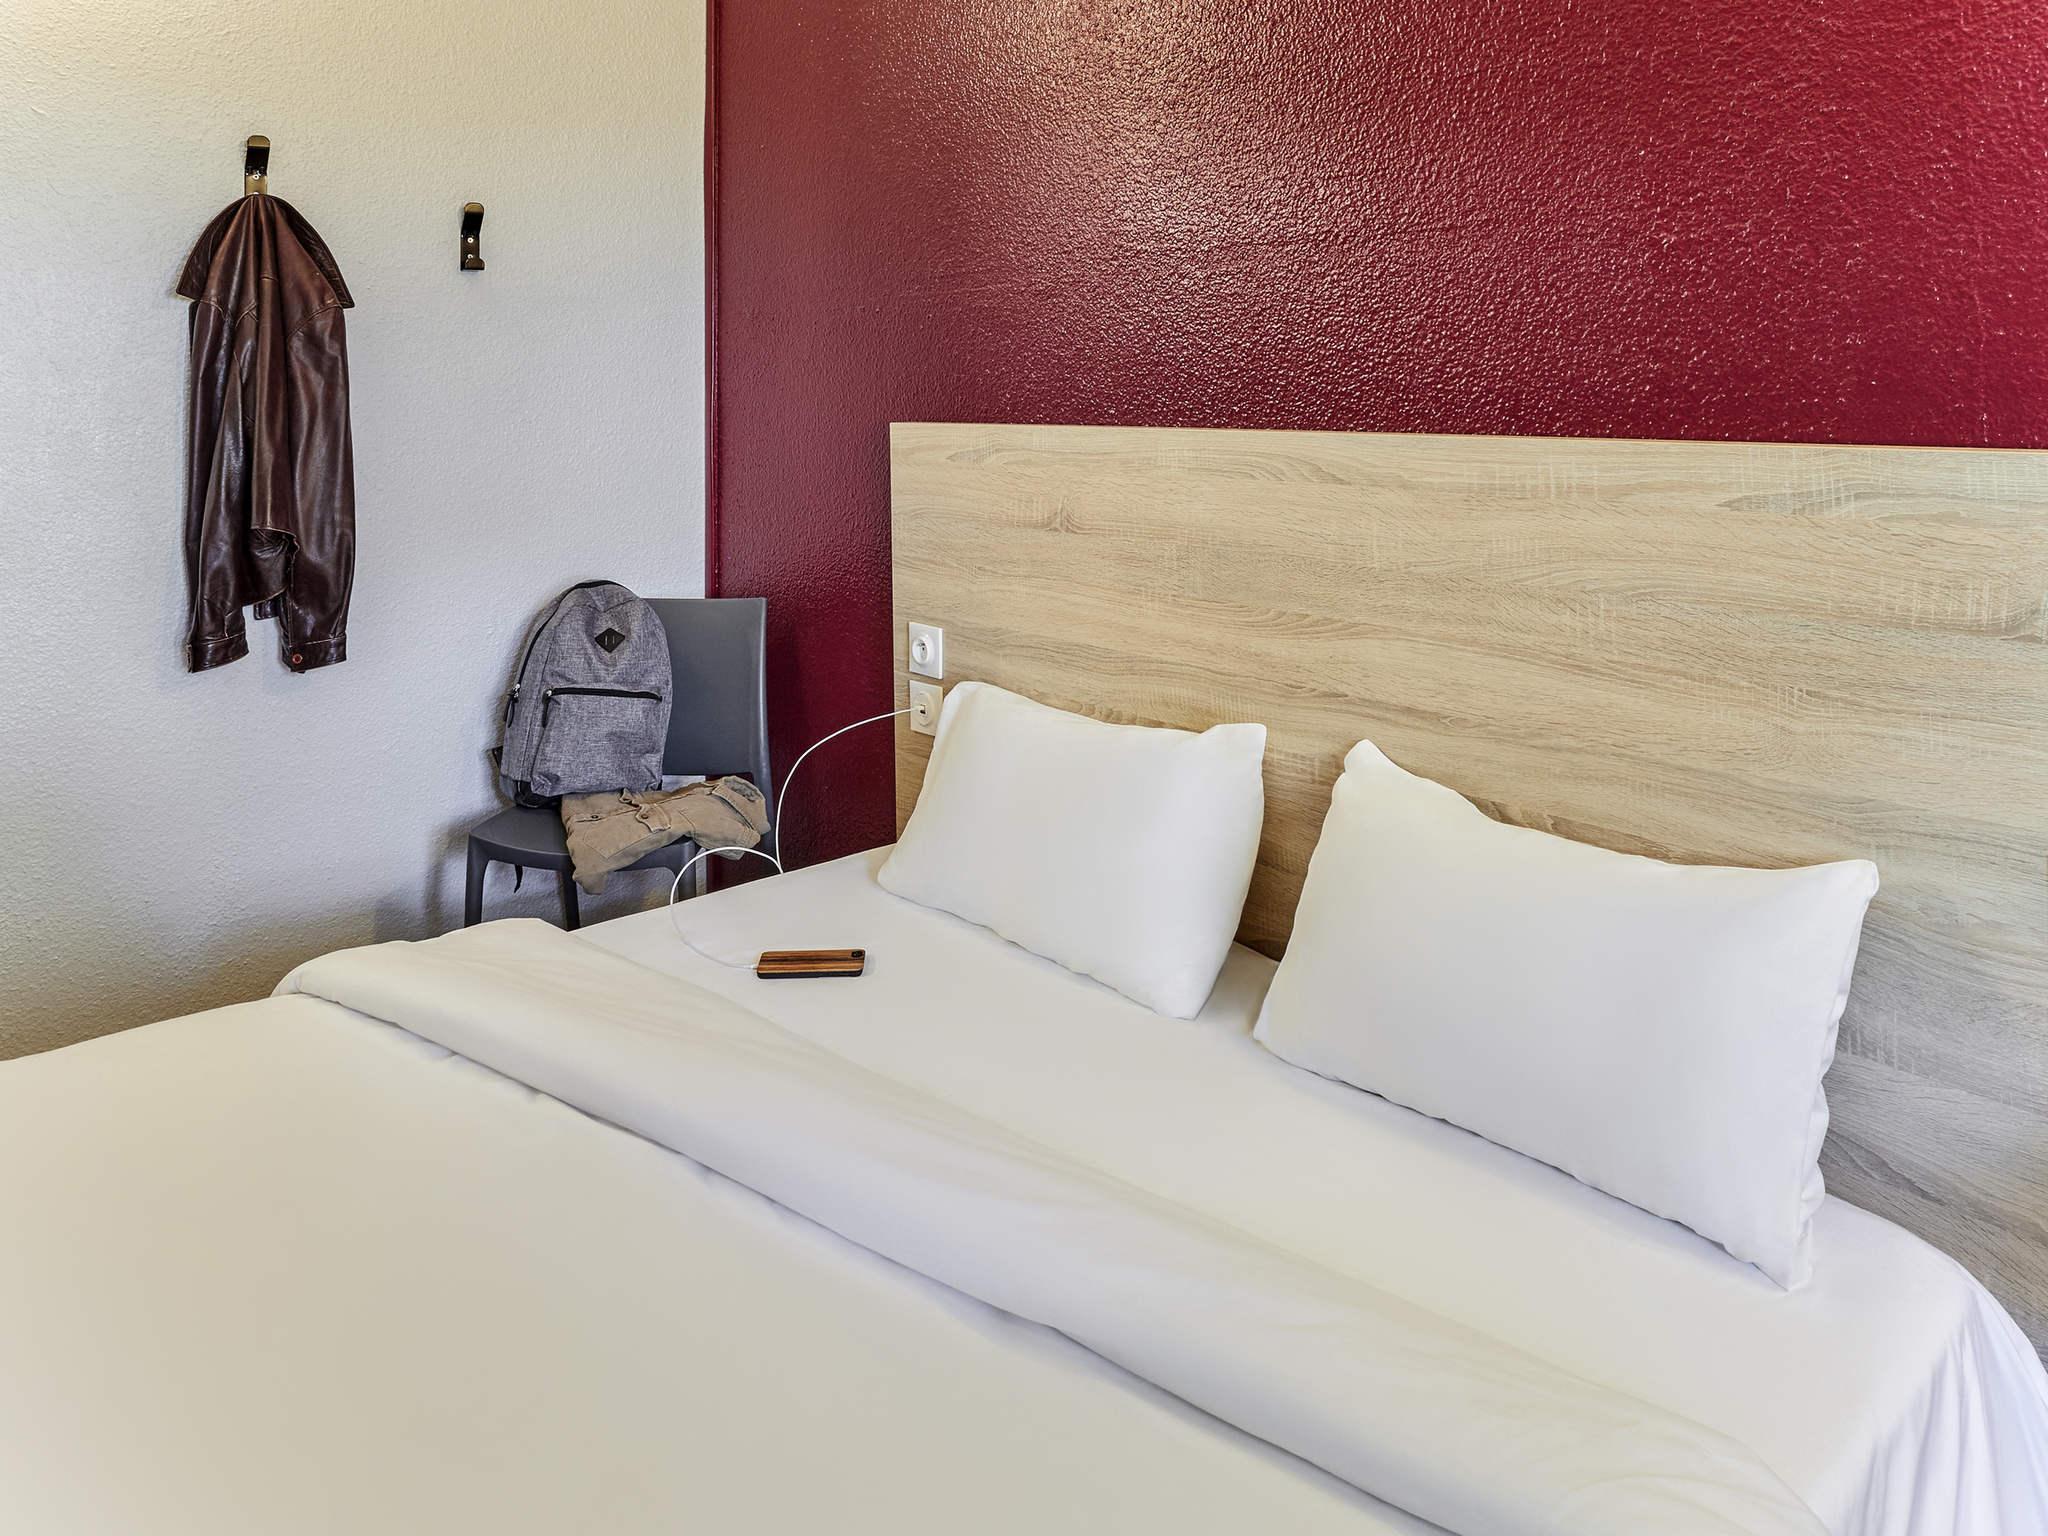 Hotel – hotelF1 Marseille Plan de Campagne N°2